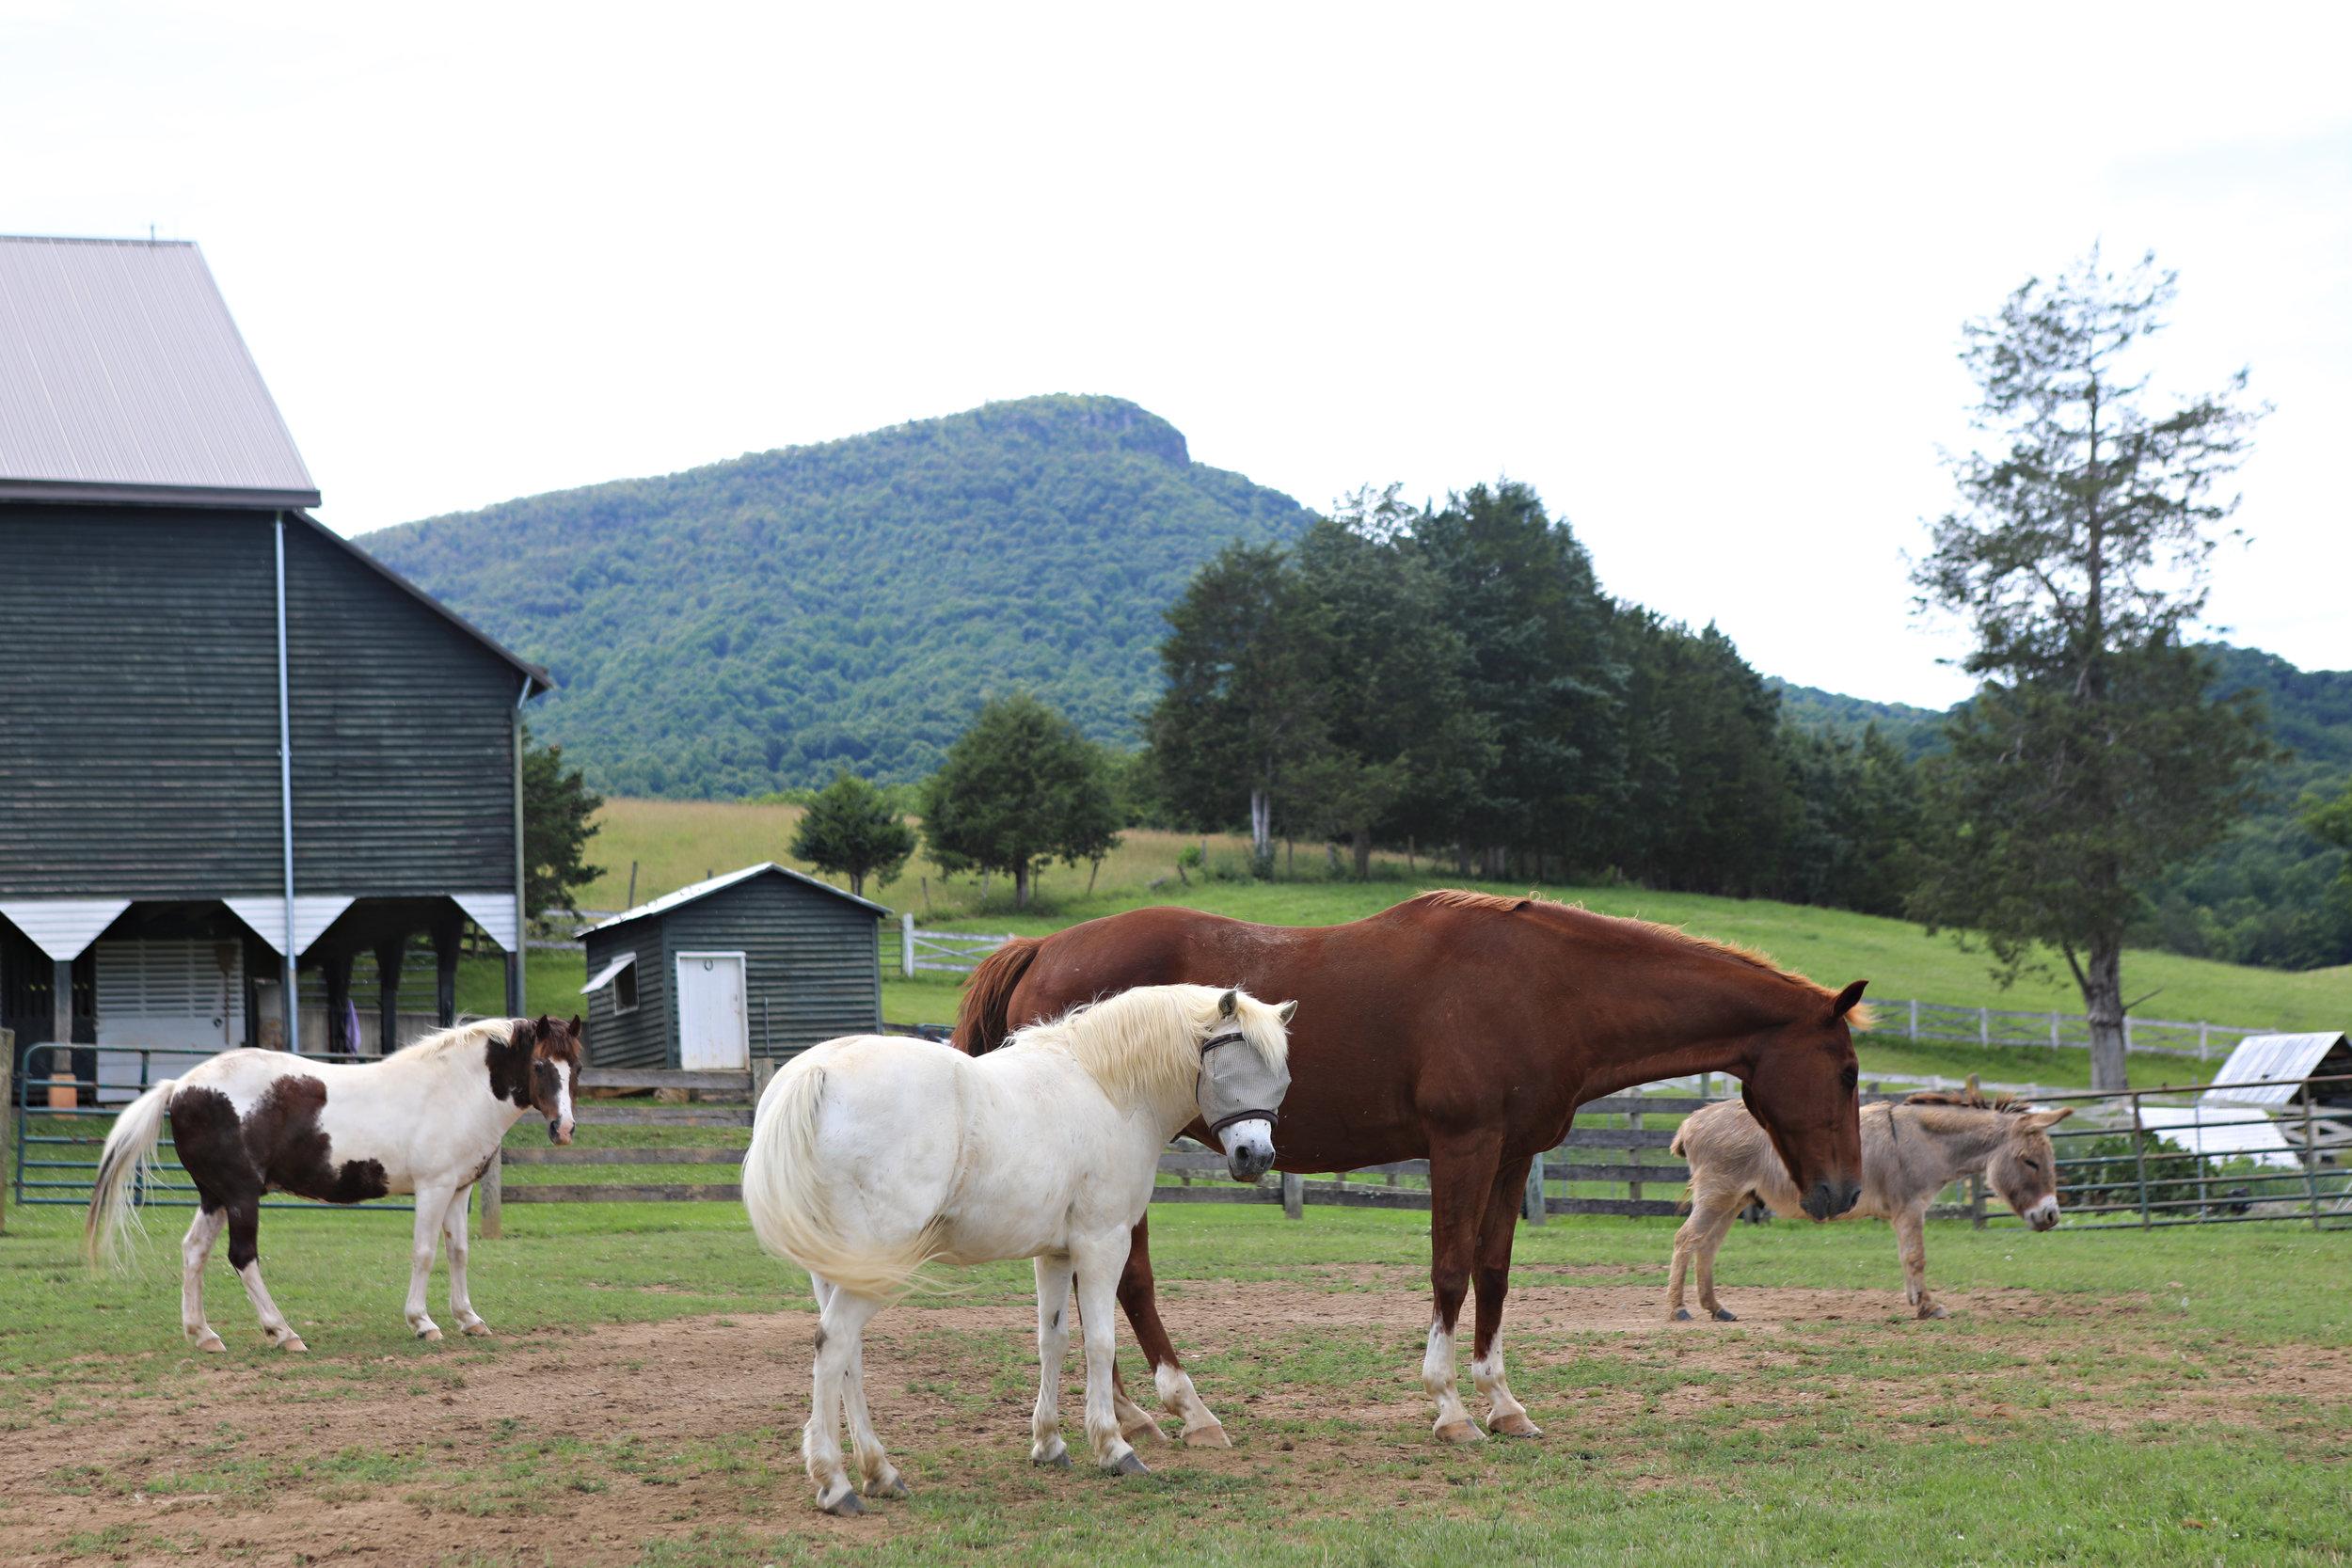 horses by the barn.jpg